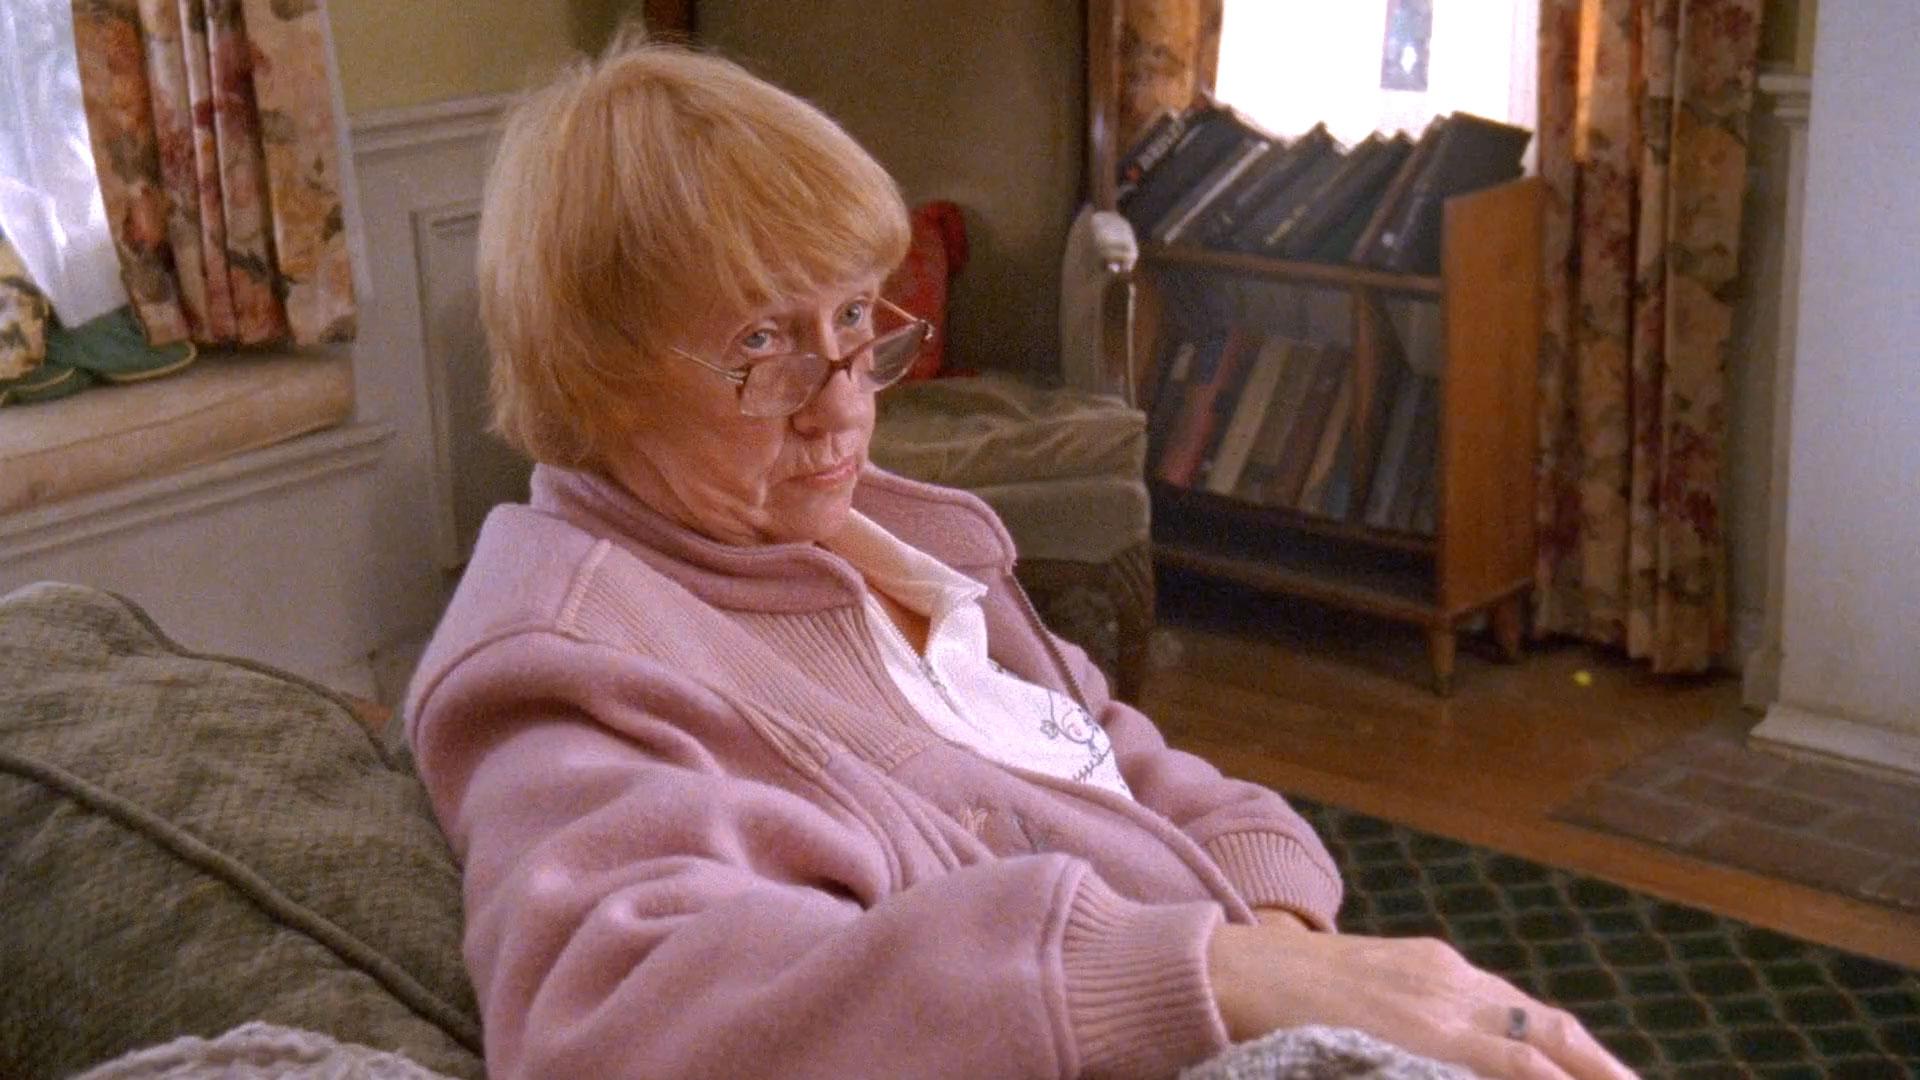 Décès de Kathryn Joosten à l'âge de 72 ans